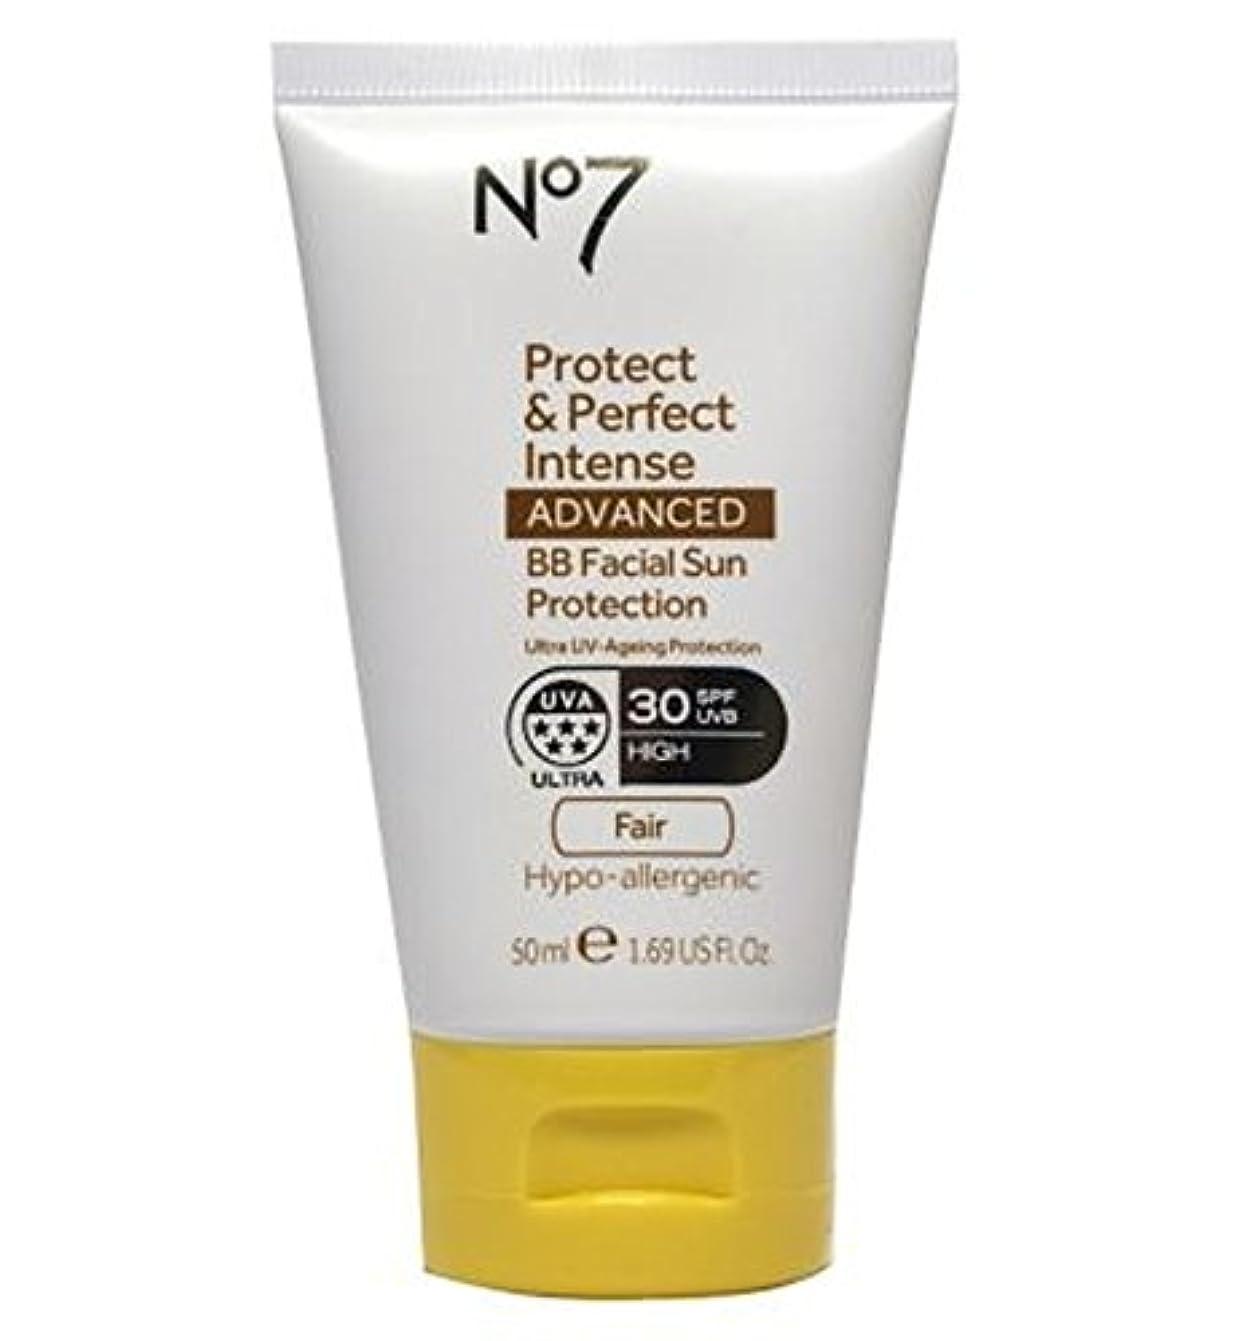 胃予防接種マイルNo7 Protect & Perfect Intense ADVANCED BB Facial Sun Protection SPF30 Light 50ml - No7保護&完璧な強烈な先進Bb顔の日焼け防止Spf30...